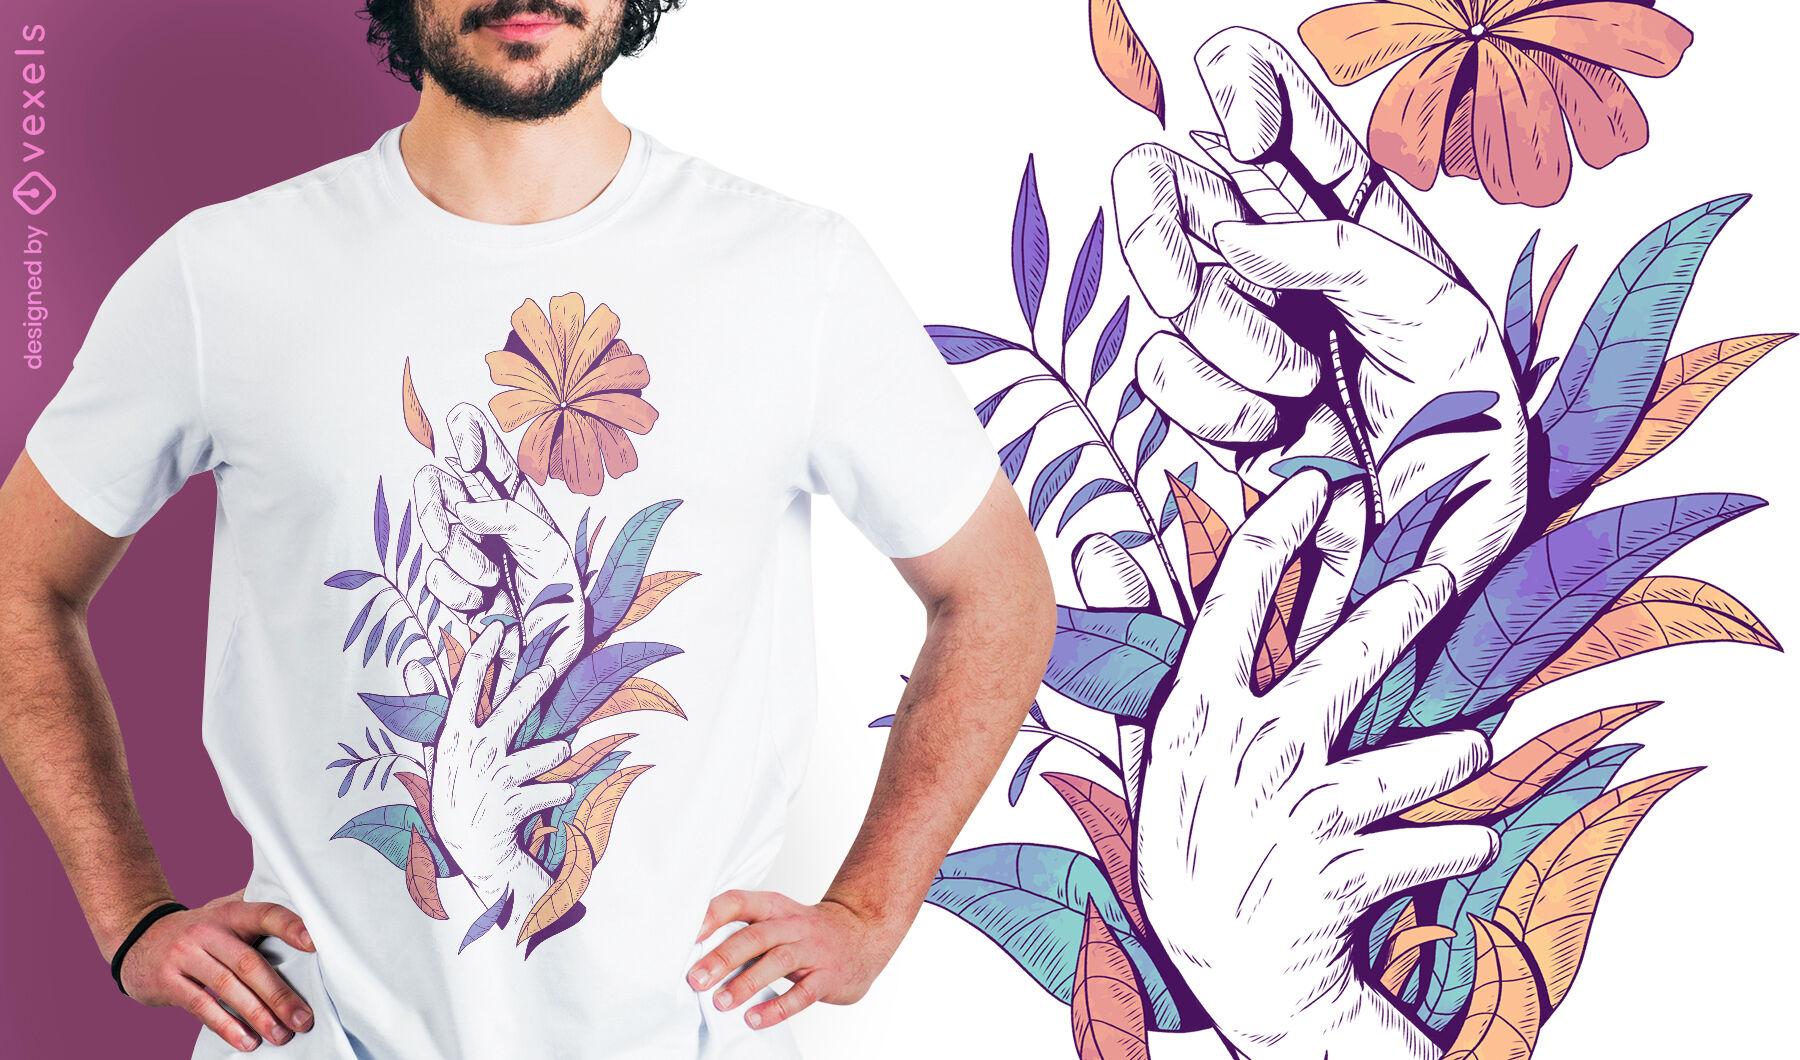 Mãos segurando folhas e flores desenho de camisetas psd